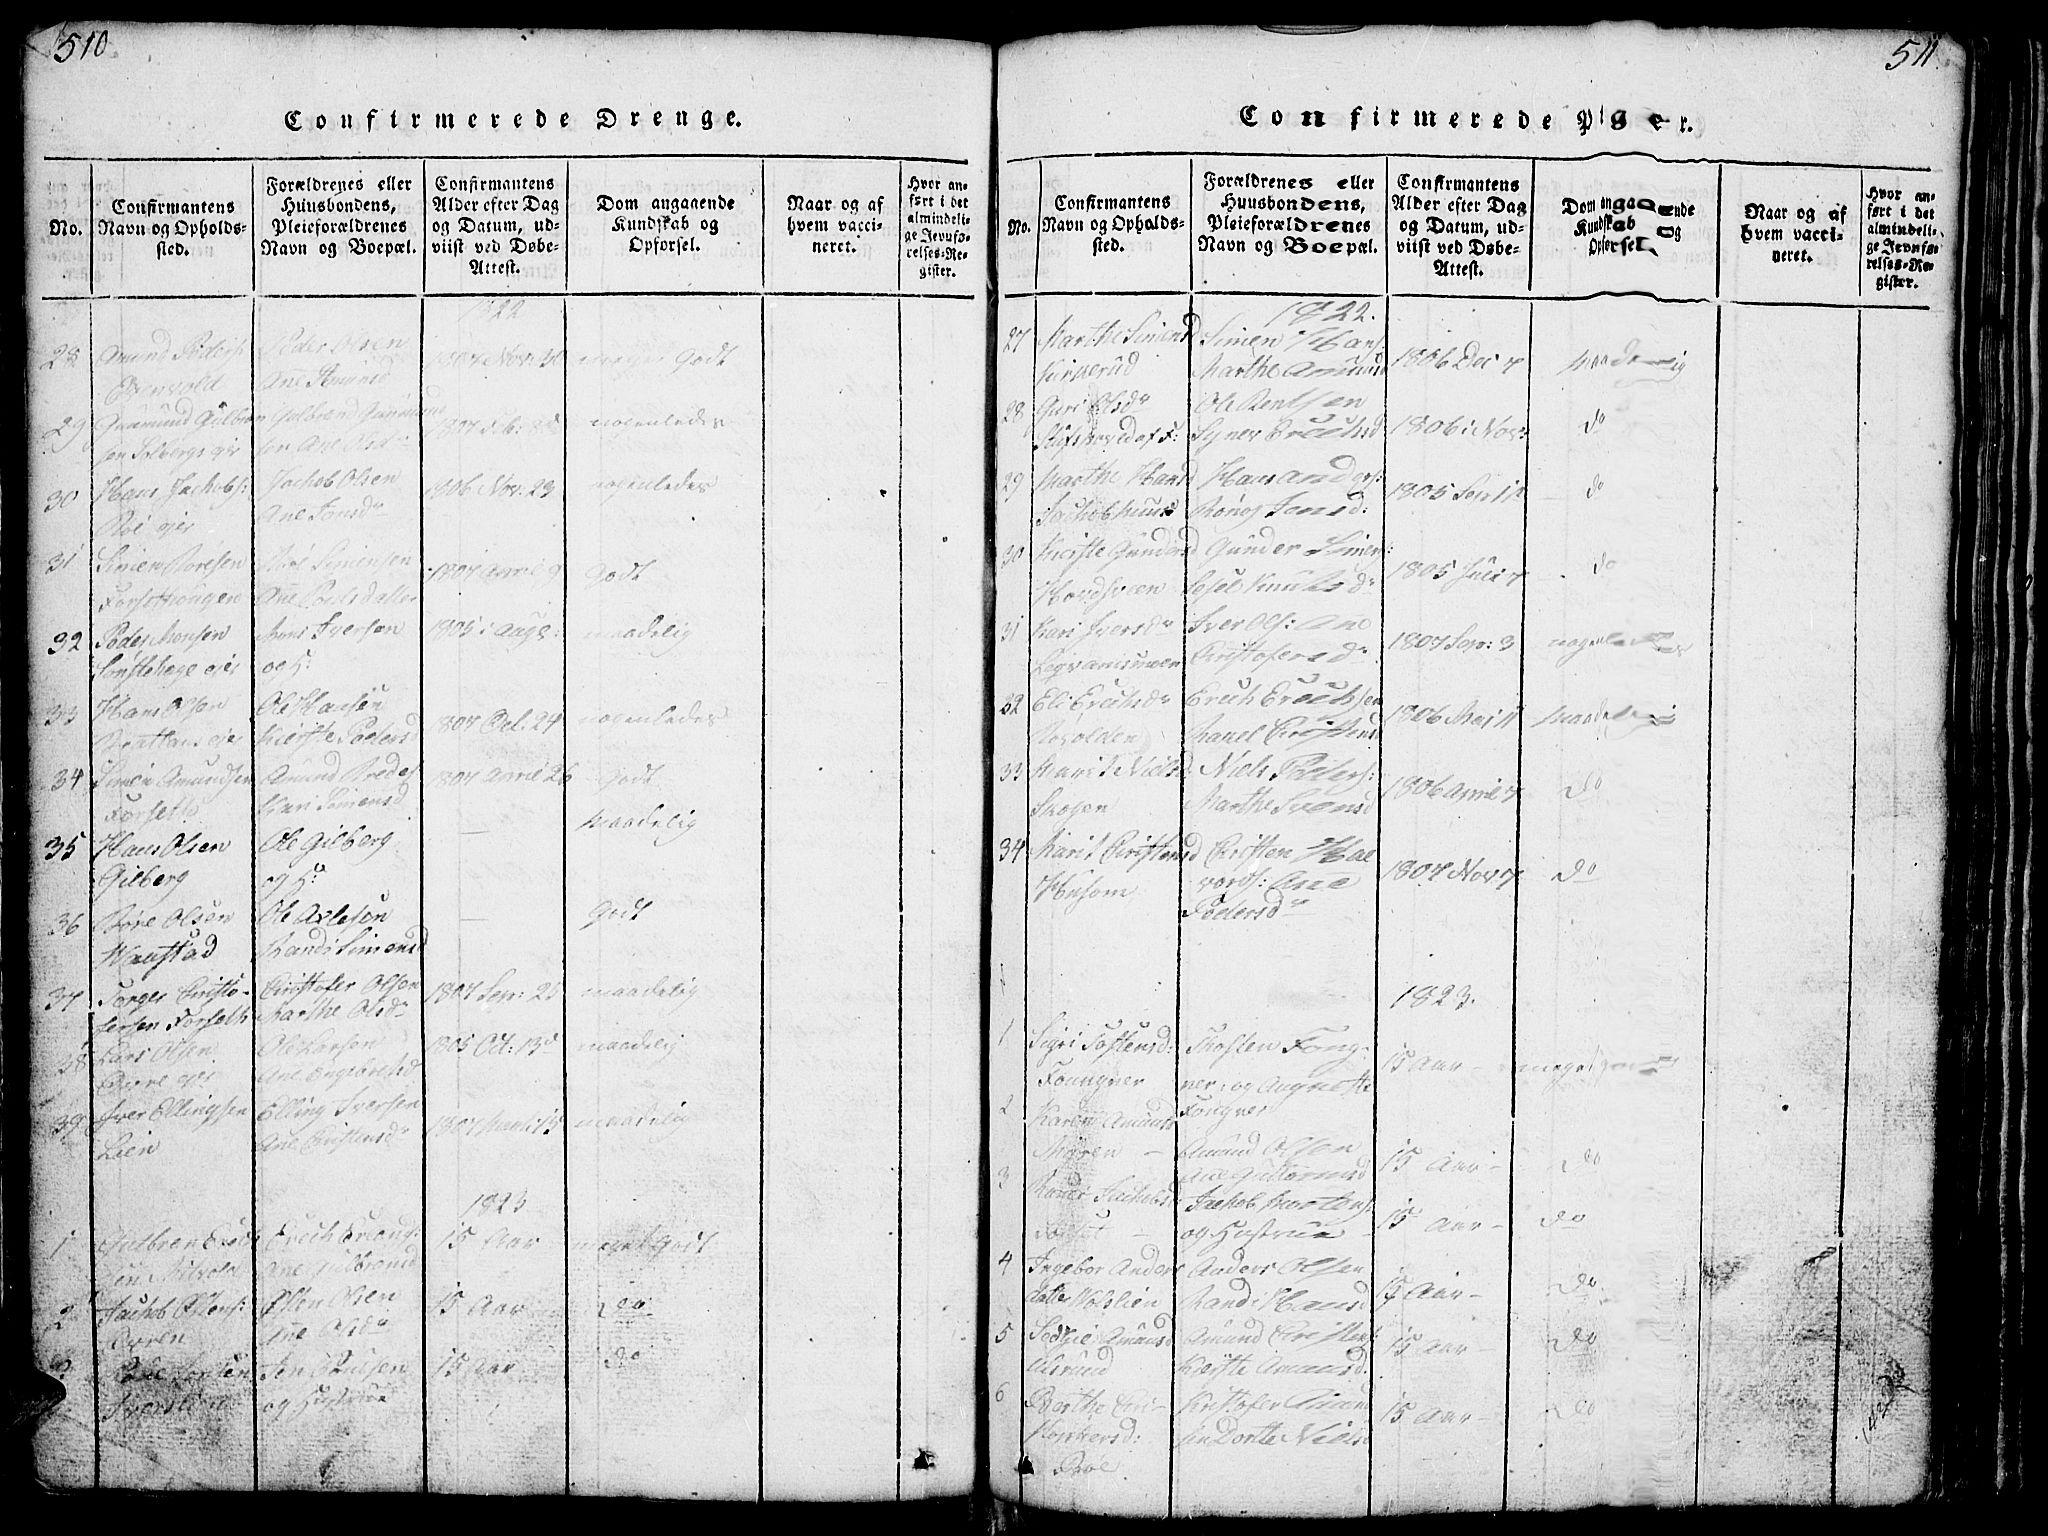 SAH, Gausdal prestekontor, Klokkerbok nr. 1, 1817-1848, s. 510-511